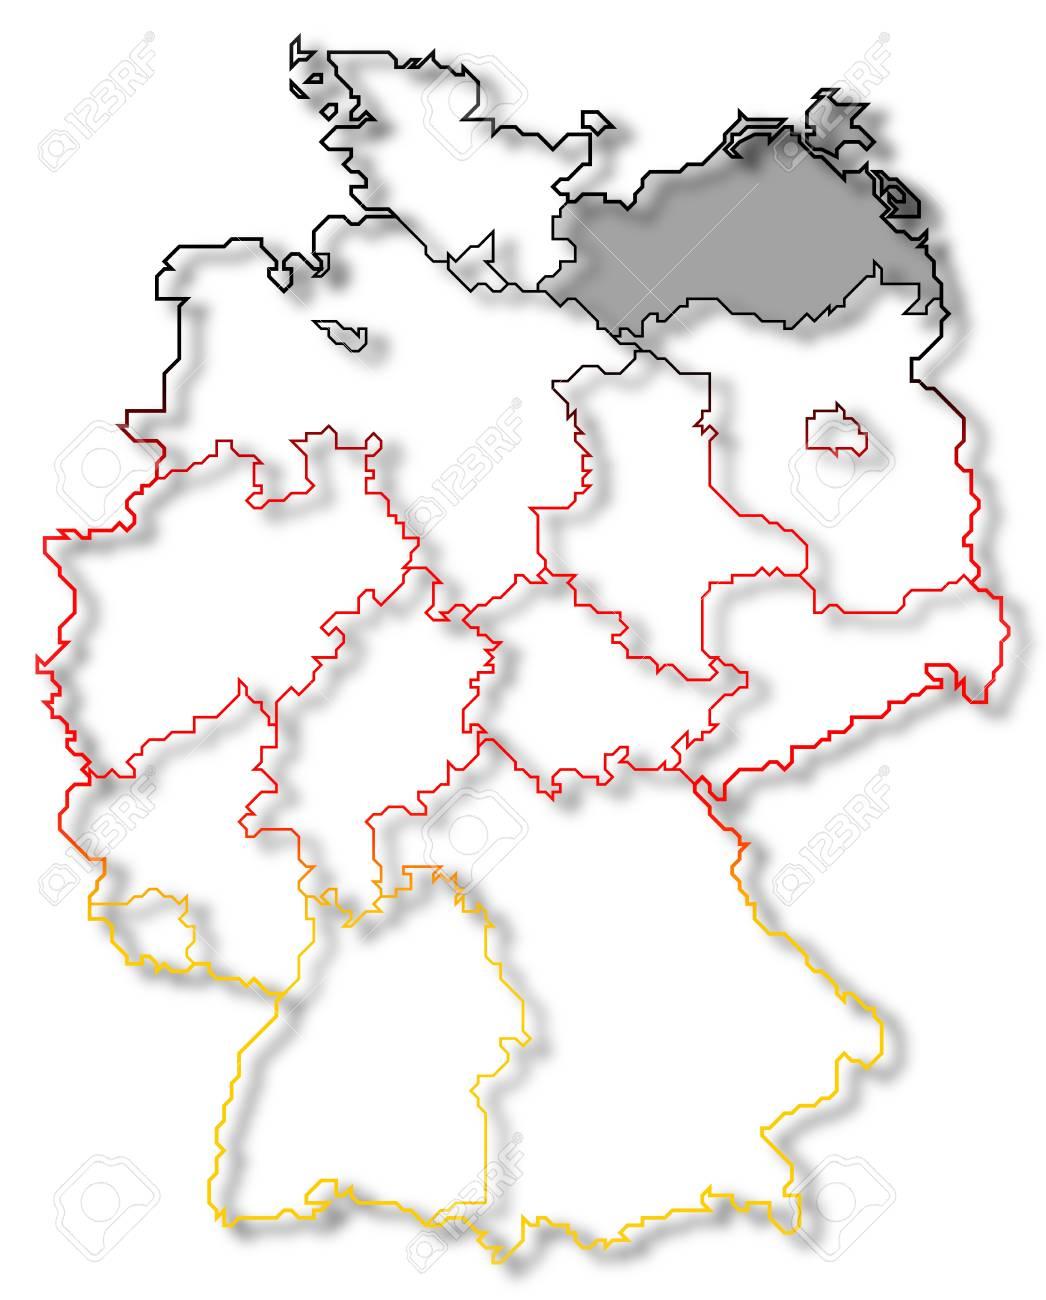 メクレンブルク = フォアポンメルン州が強調表示されますいくつかの州 ...